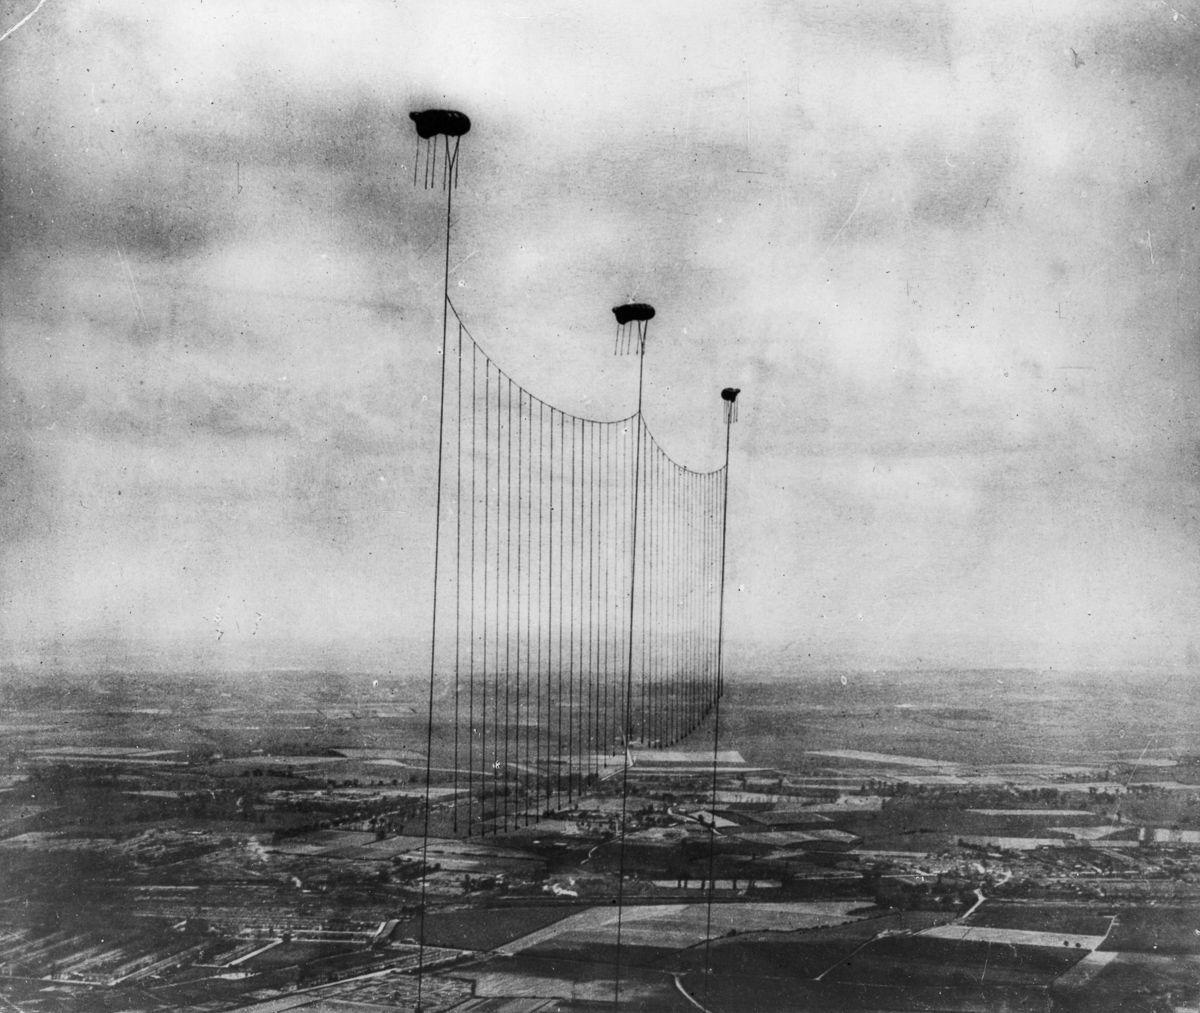 Первая мировая на воздушных шарах